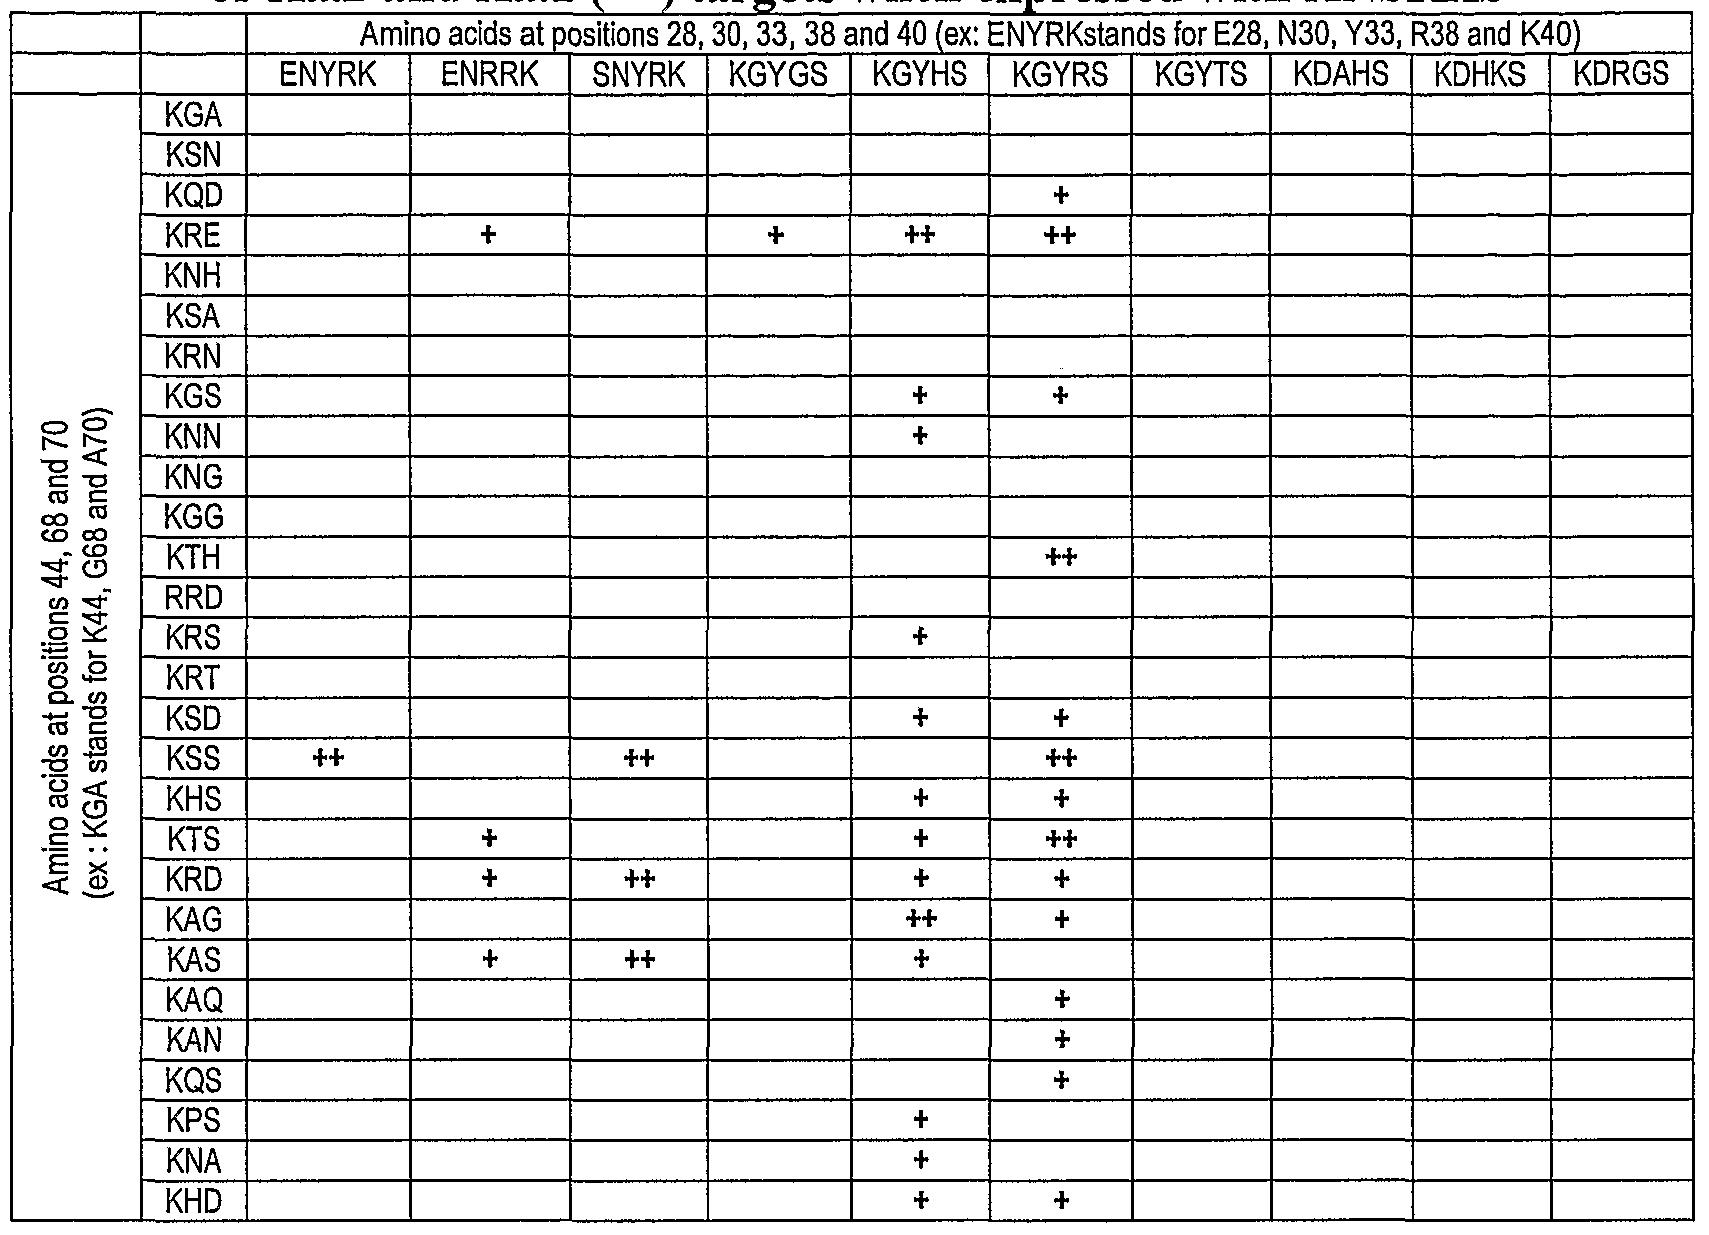 XP prostatitis kód a μB- n